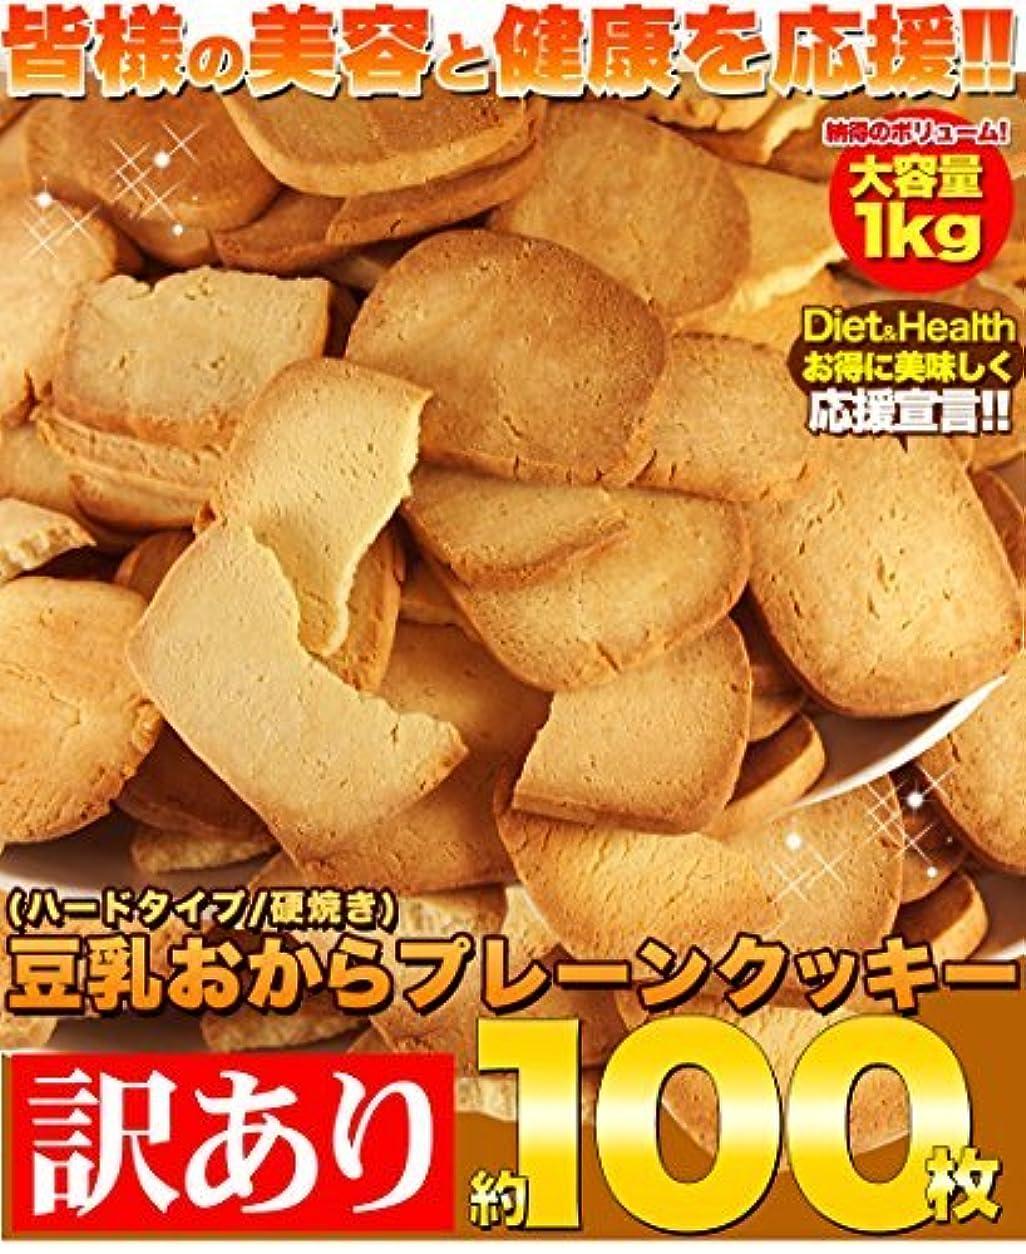 キャンベラ会議ディレクトリアレンジ次第でダイエットが楽しくなる!プレーンタイプの豆乳おからクッキーが約100枚入って1kg入り!  業界最安値に挑戦!【訳あり】固焼き☆豆乳おからクッキープレーン約100枚1kg?常温?